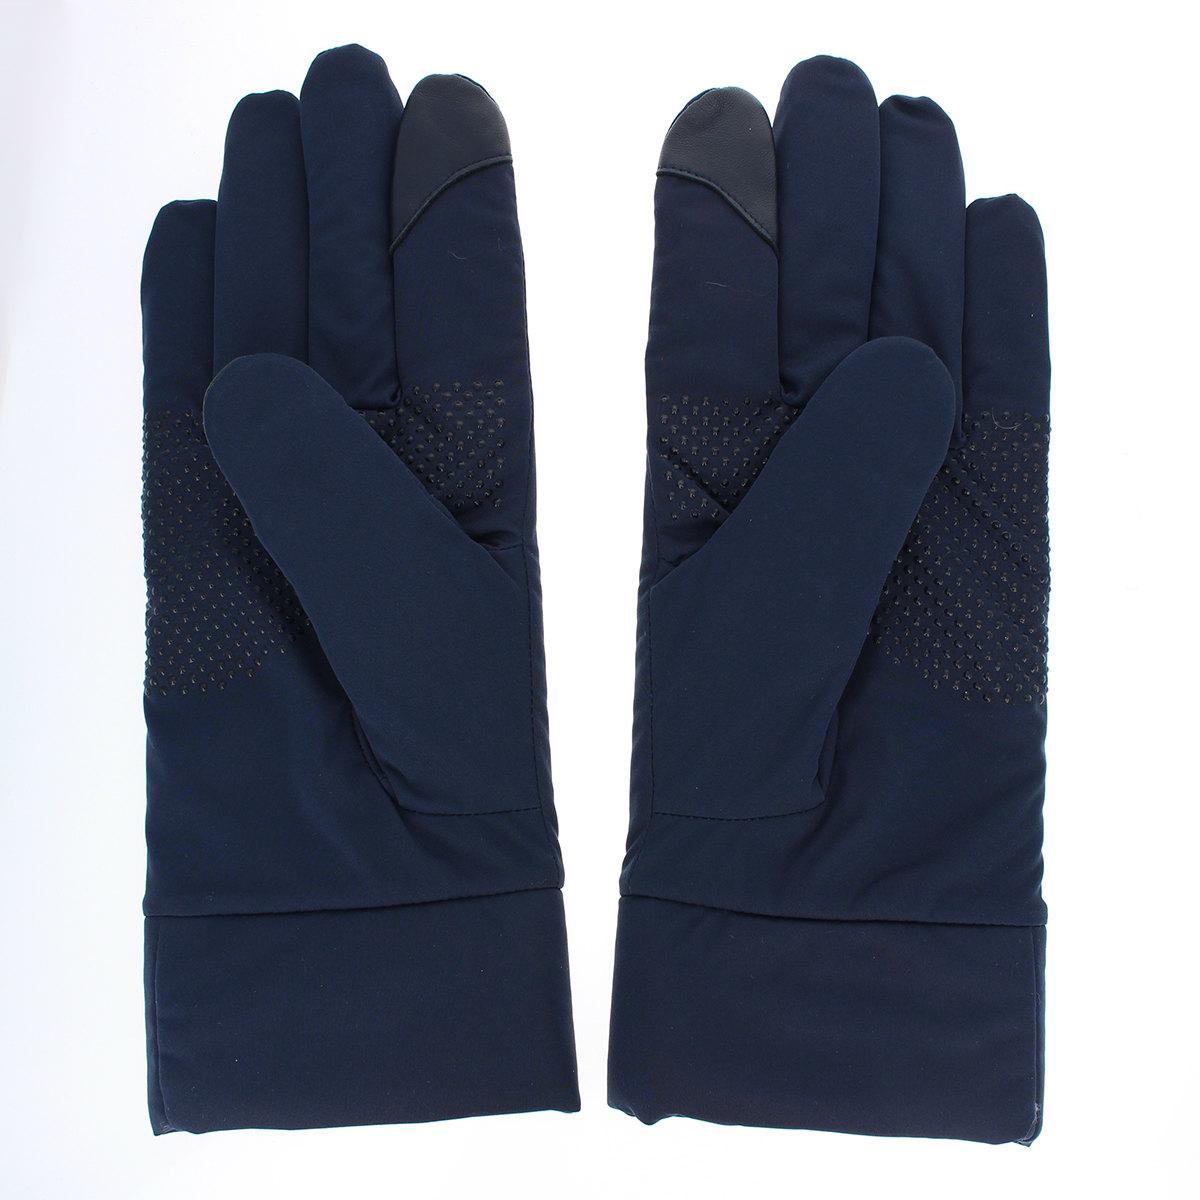 メンズ手袋 オロビアンコ スマホ対応 すべり止め付 スポーツ 通勤 通学 防風 撥水 軽い おしゃれ ストレッチ ギフト プレゼント